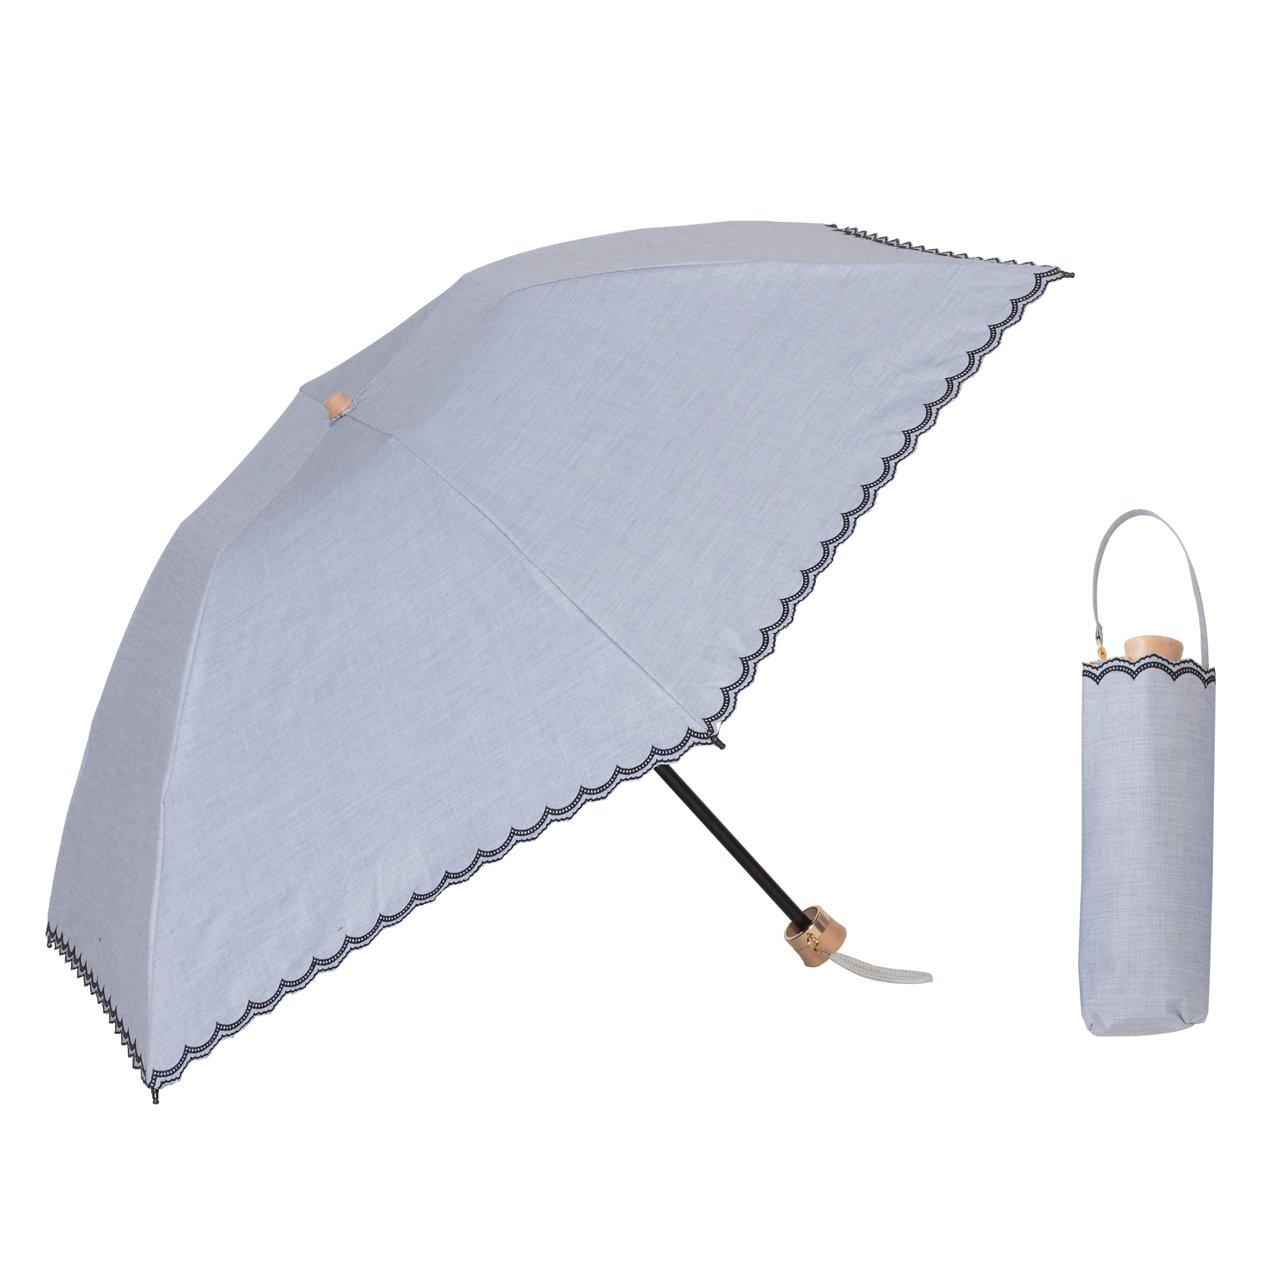 日傘 UV 遮熱 遮光 ミニ傘 スカラップ 晴雨兼用 遮光1級 ラミネート生地 【LIEBEN-0517】 クールプラス (グレー) B00UMV4QES